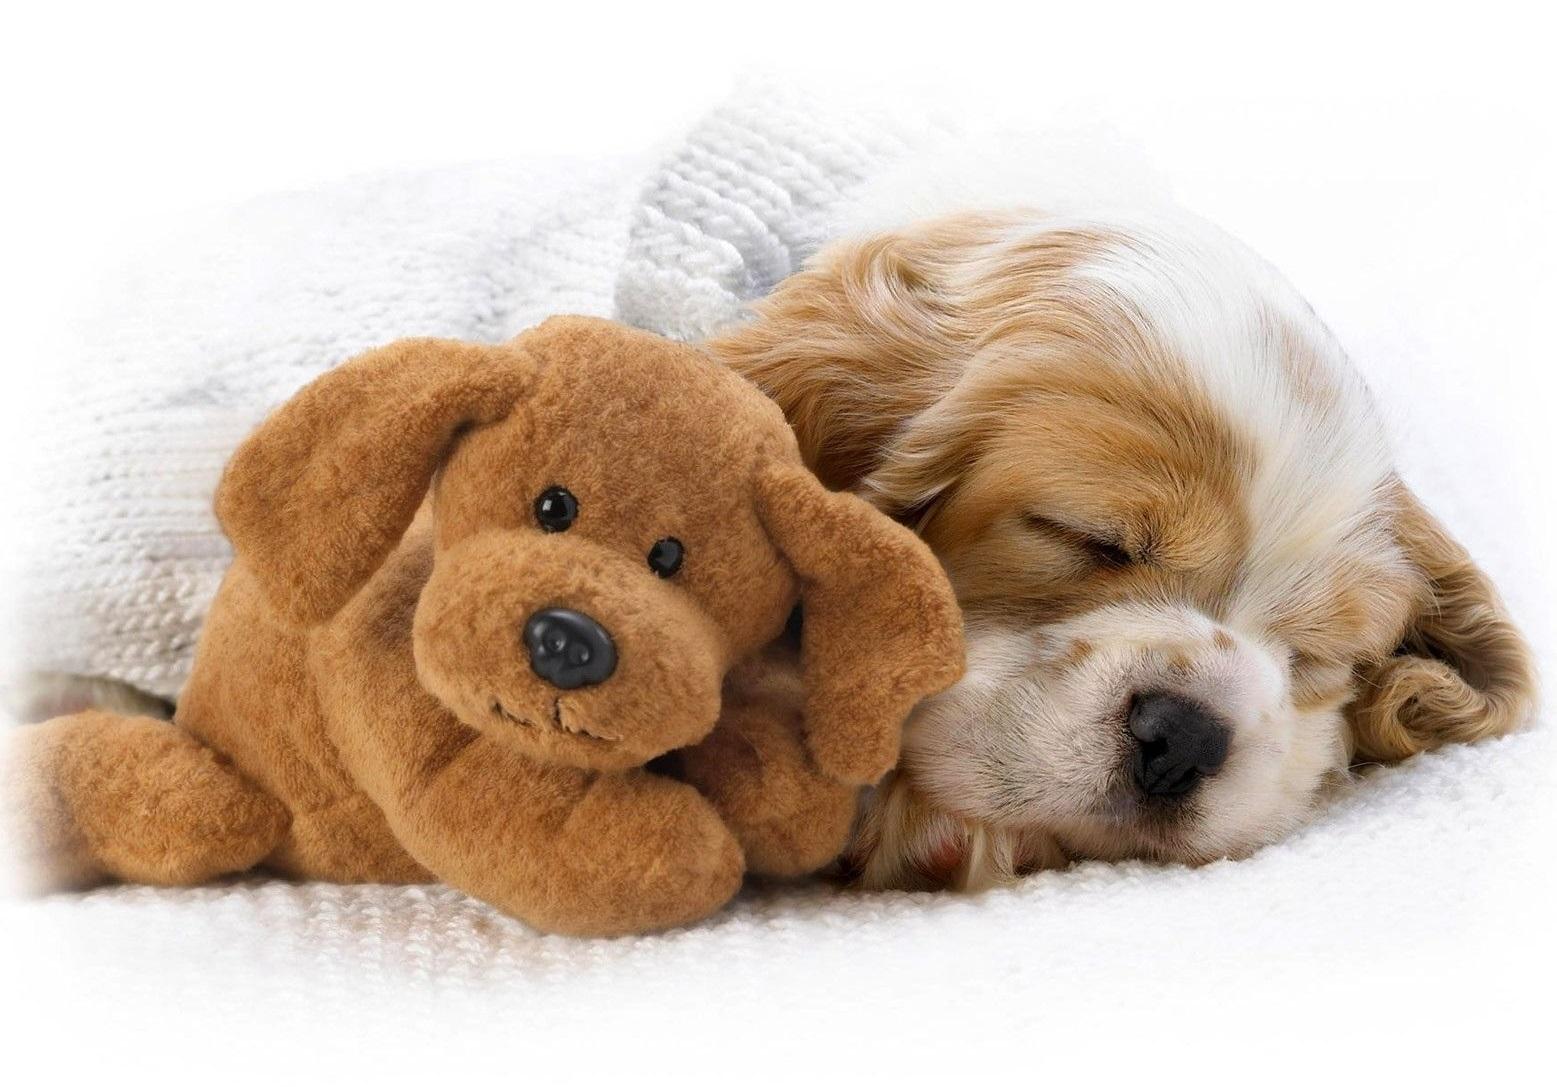 Foto de un cachorro durmiendo tranquilamente junto a un juguete